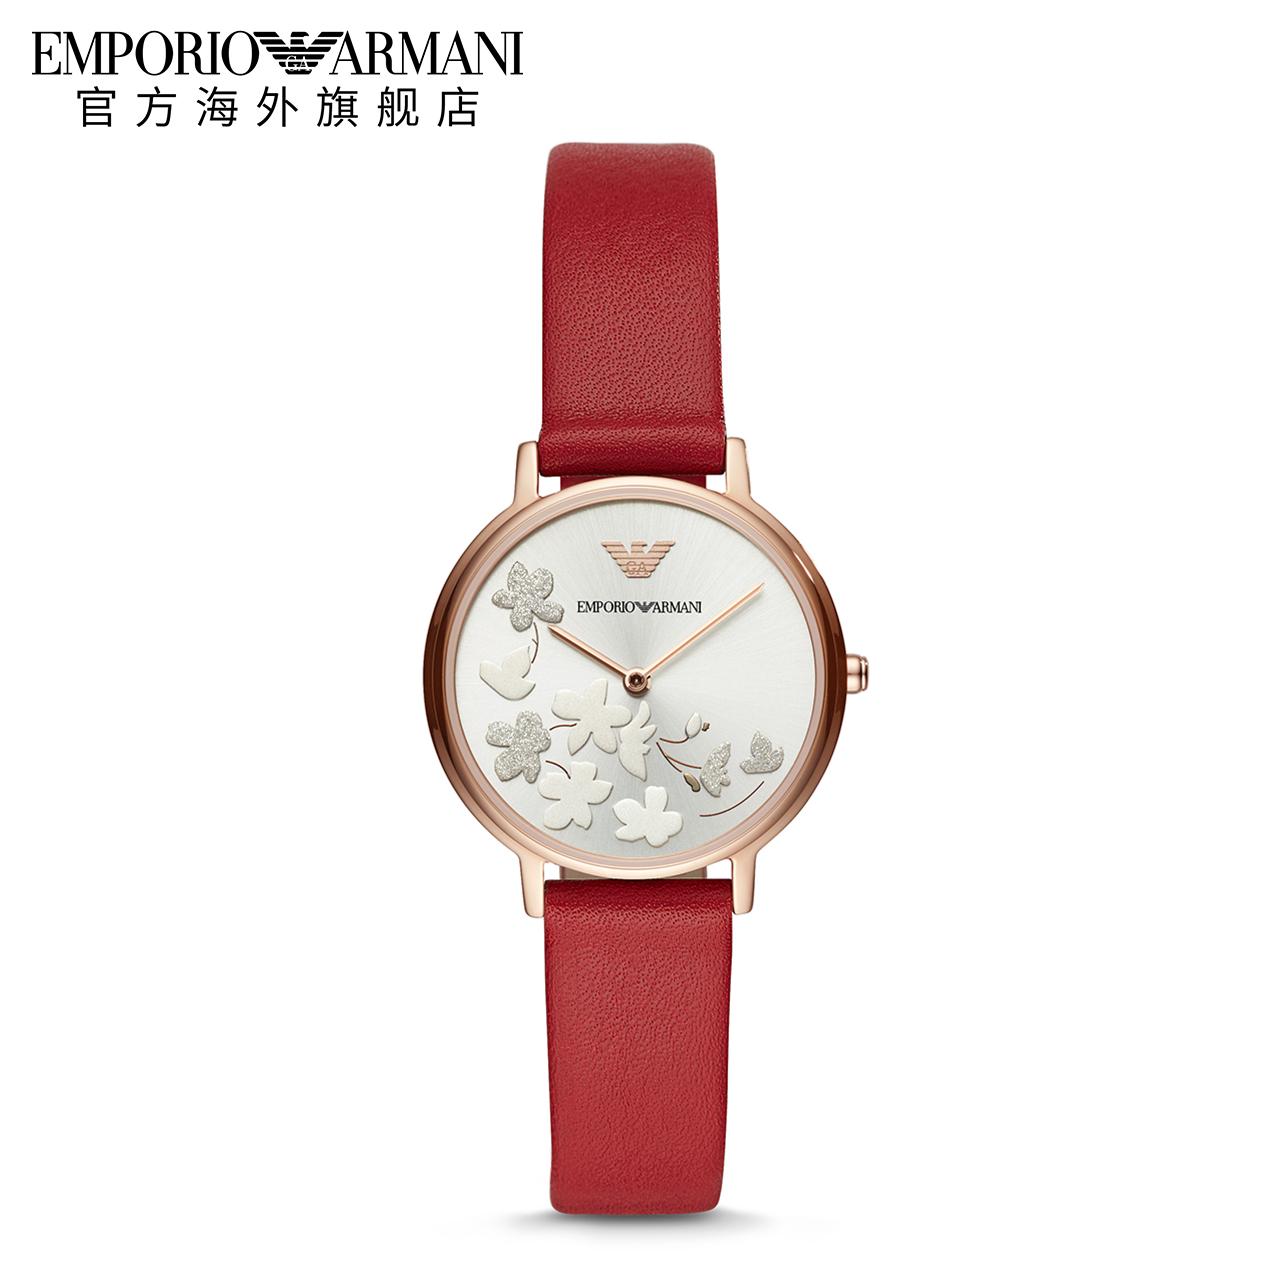 【官方】Armani 阿玛尼红色女士手表休闲简约女生石英腕表AR11114